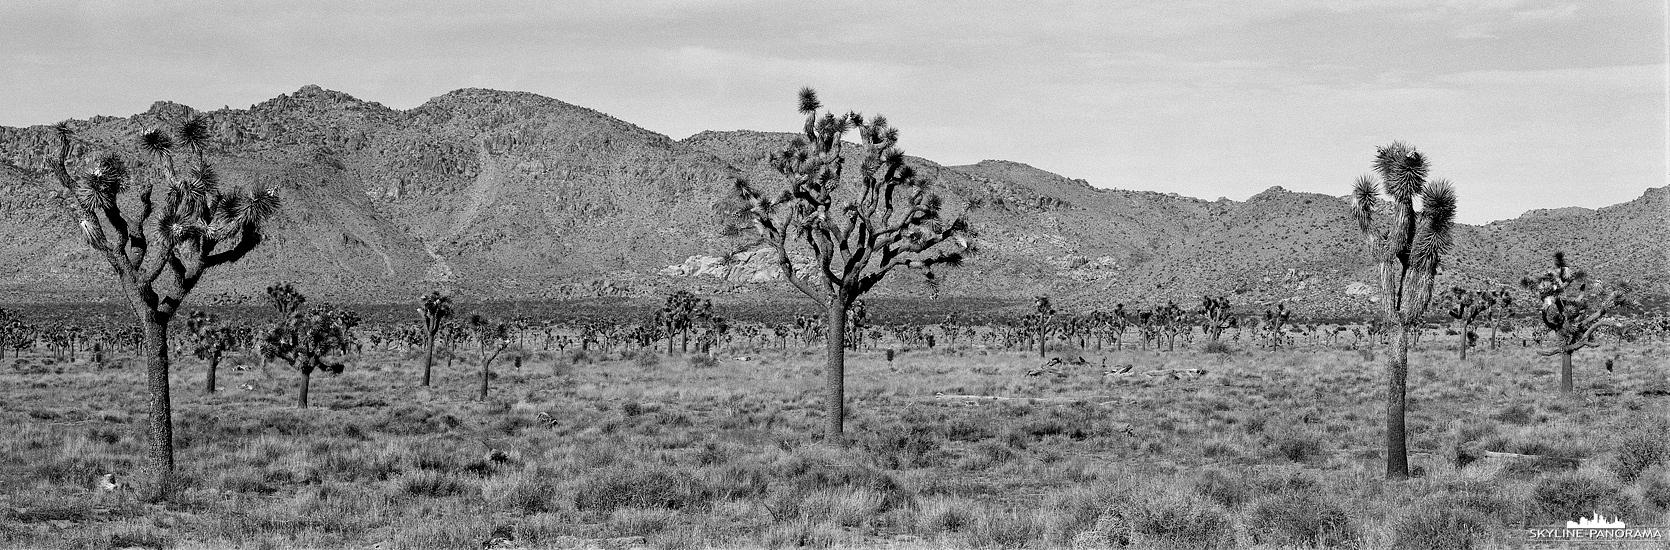 6x17 Panorama in Schwarz-Weiß - Der Joshuabaum ist der Namensgeber des Joshua Tree Nationalparks im Süden von Kalifornien, hier zu sehen als Telepanorama, festgehalten auf Ilford Schwarzweißfilm.